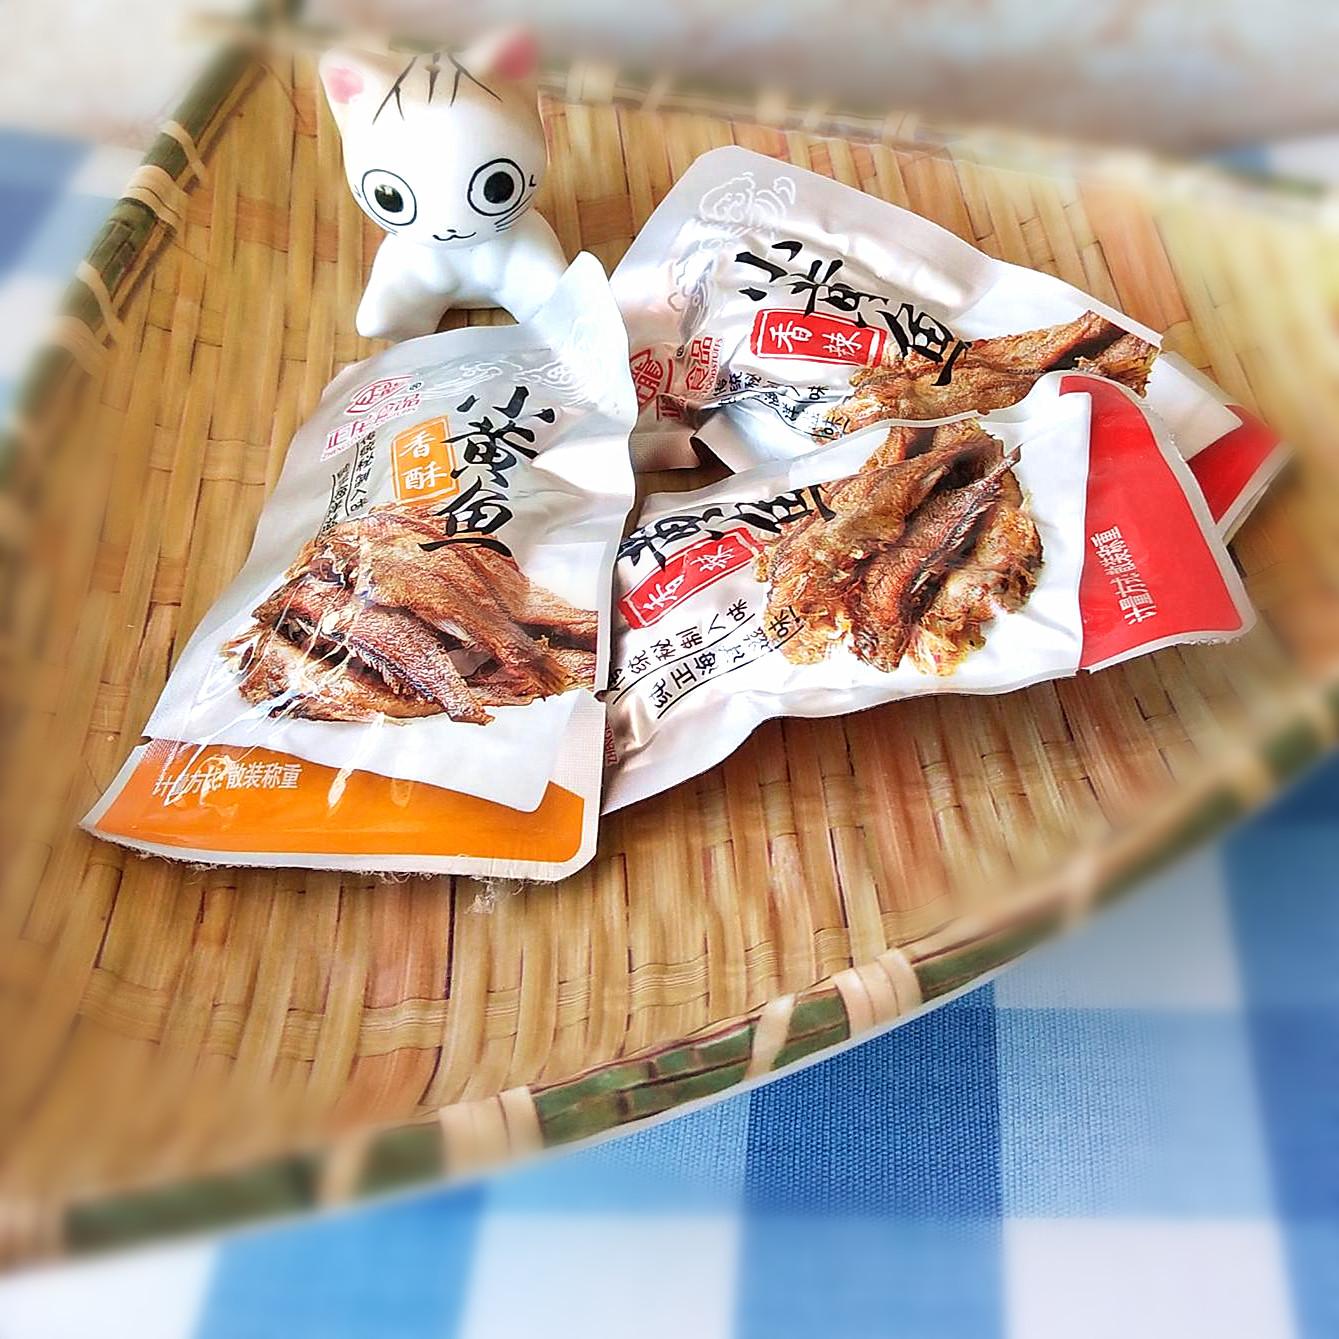 浙江舟山特产 正龙食品小黄鱼  香酥/香辣味 鱼干零食即食